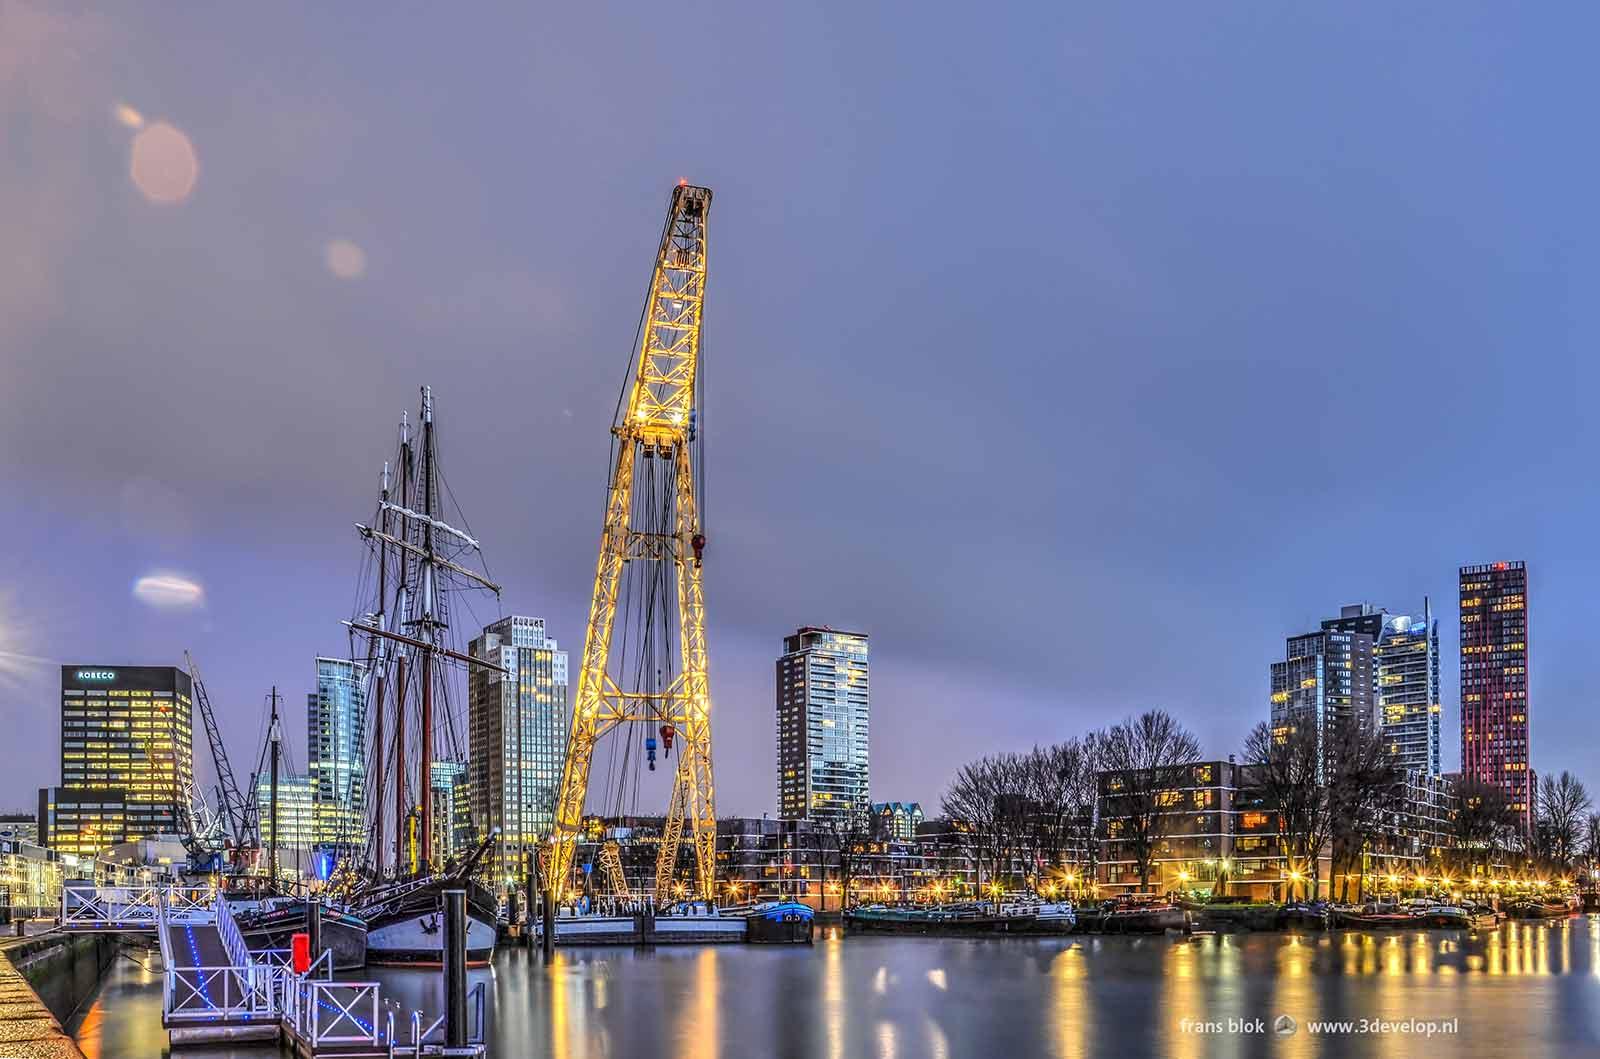 Vroege ochtend boven de Leuvehaven in Rotterdam met daarin een driemaster, een drijvende kraan en andere historische schepen